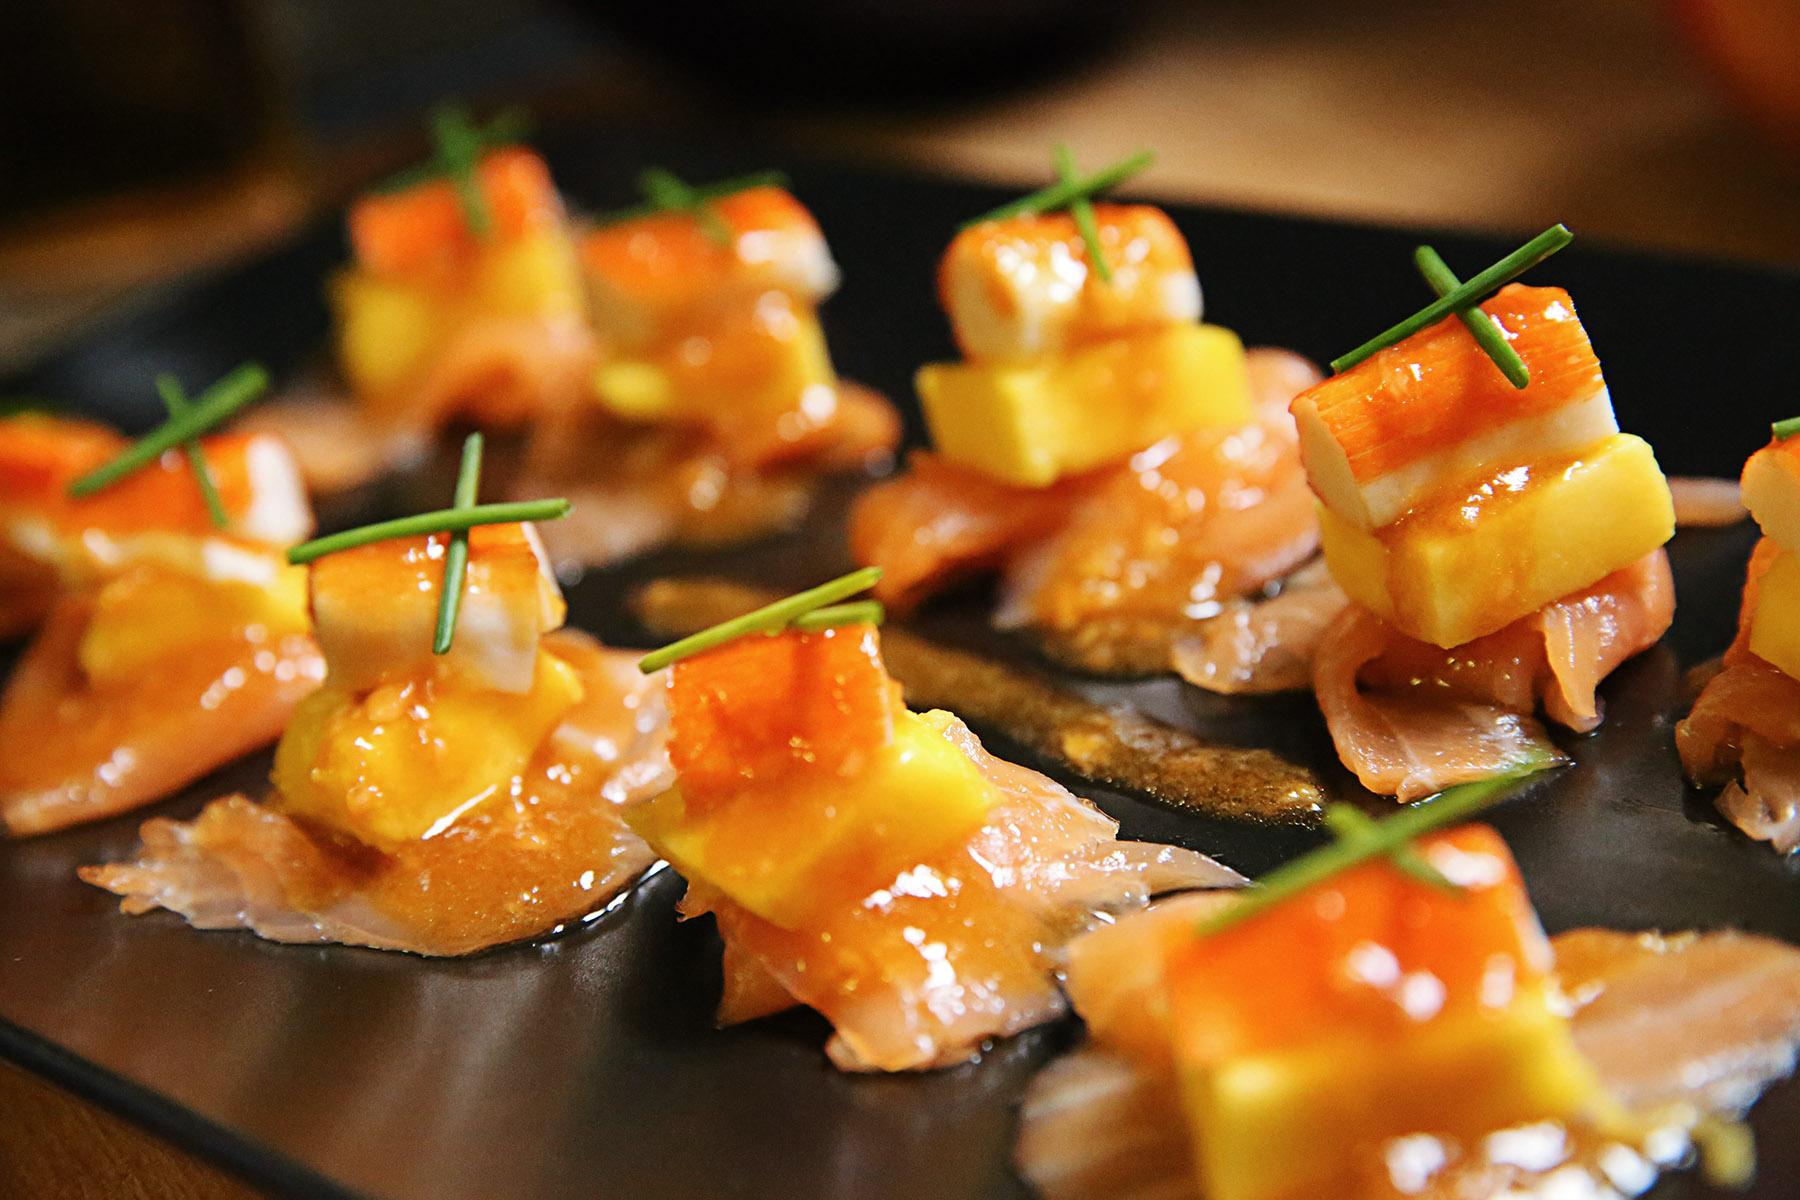 trendy-taste-blog-blogger-fashion-spain-moda-españa-cooking-recipes-recetas-krissia-trendycooking-5